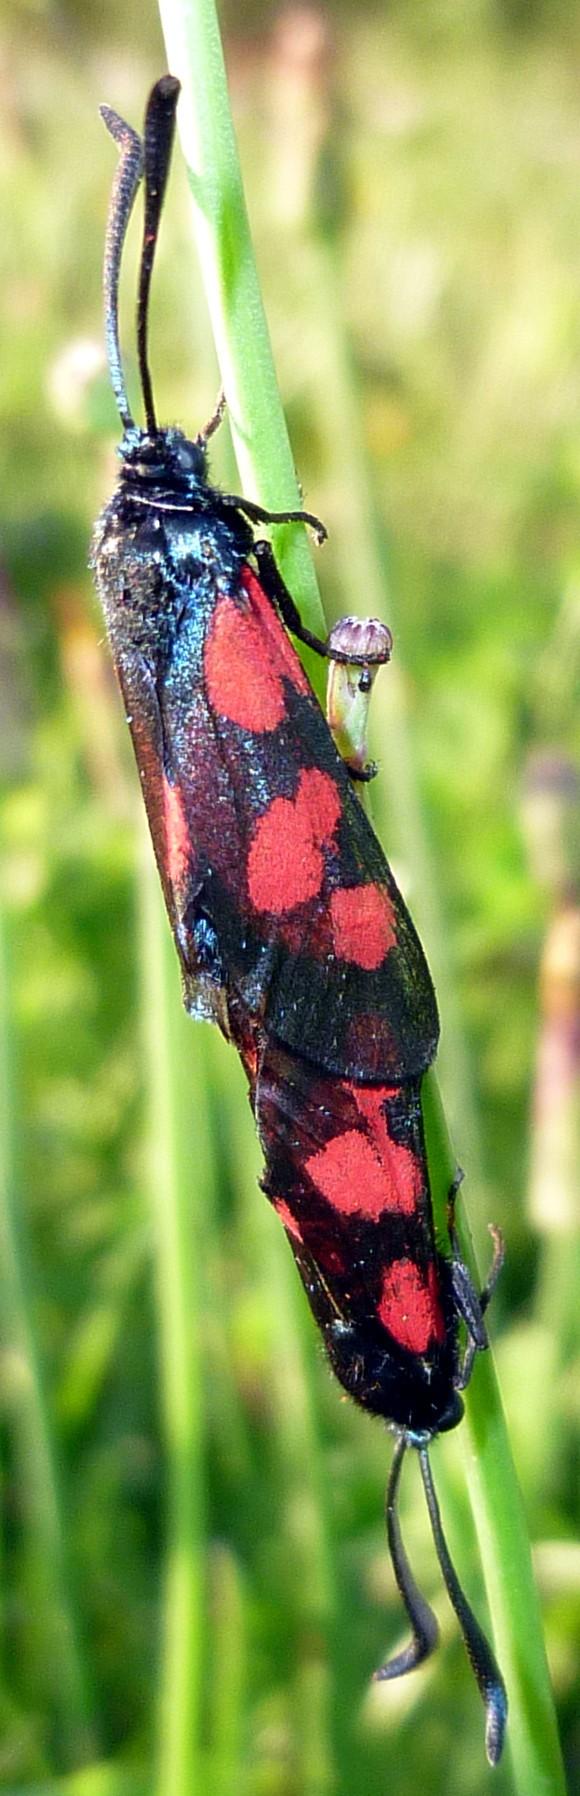 [Zygaena sp (trifolii??)]/papillon rouge et noir ? P1060512